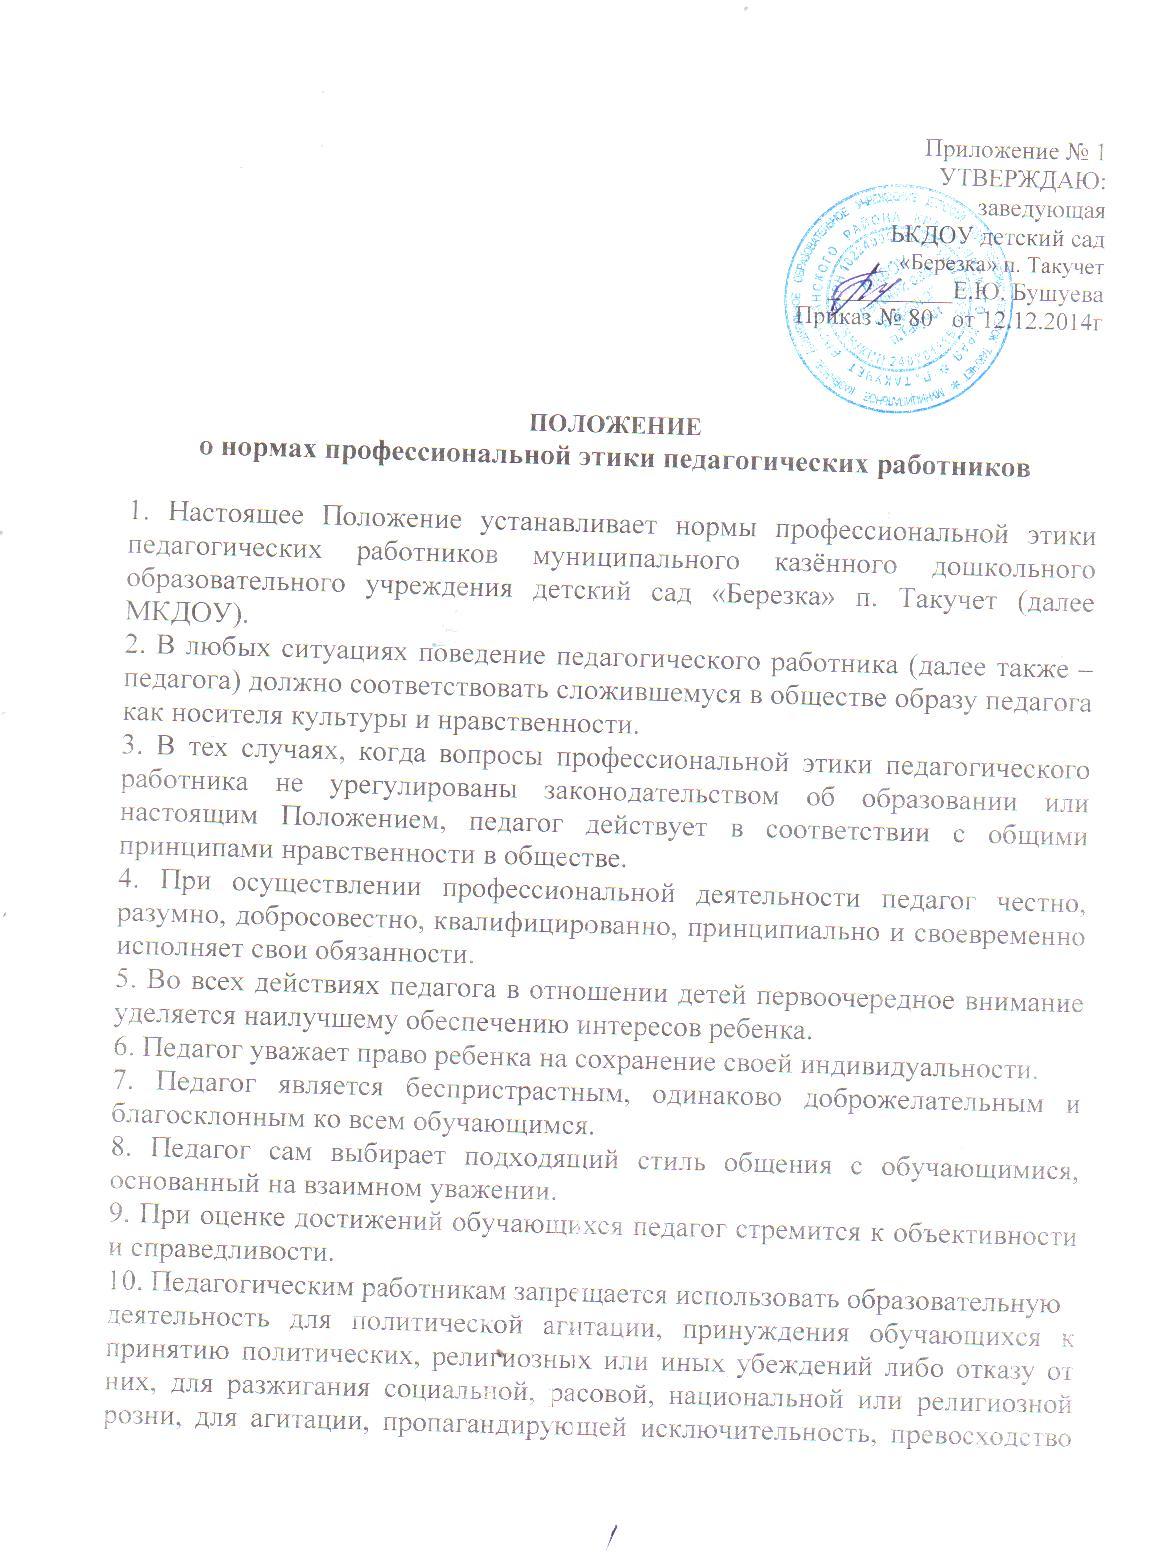 Положение о нормах проф. этики тит